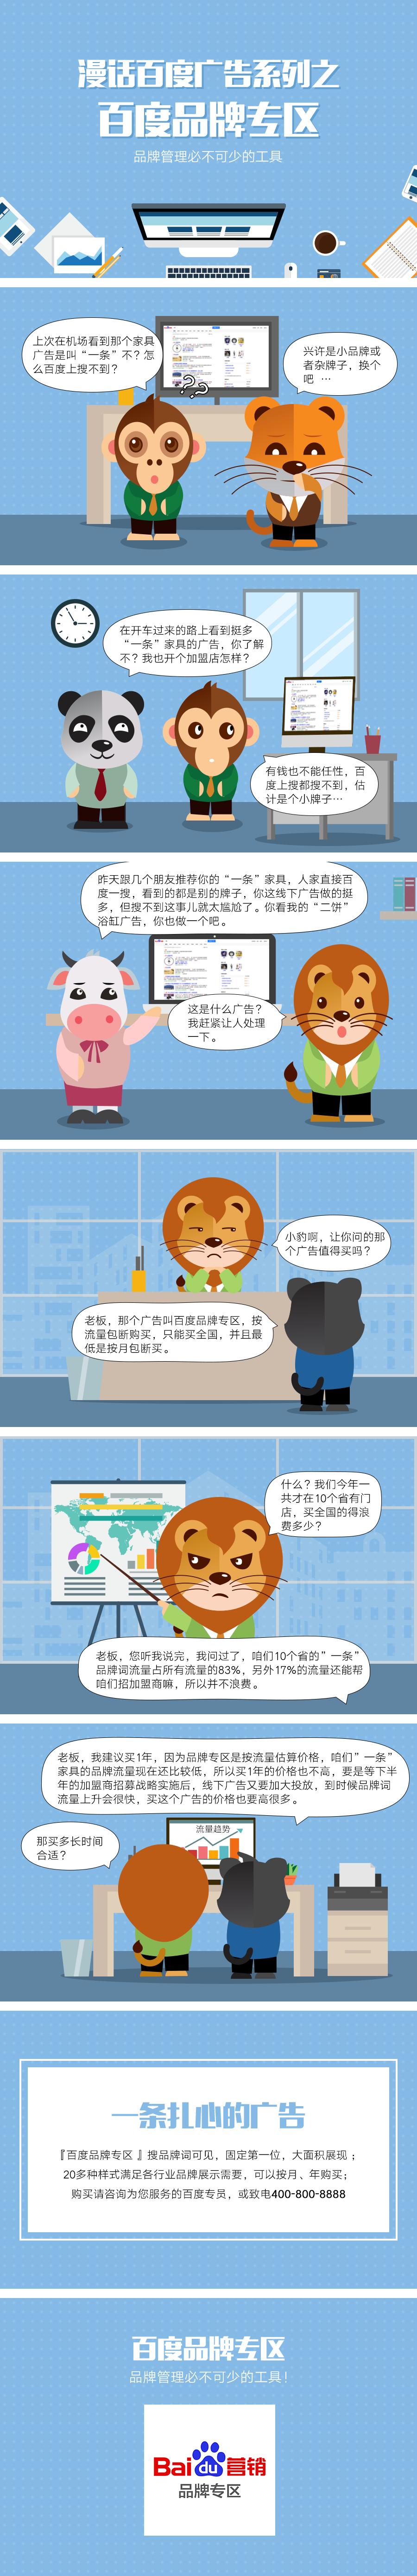 漫画品专.png